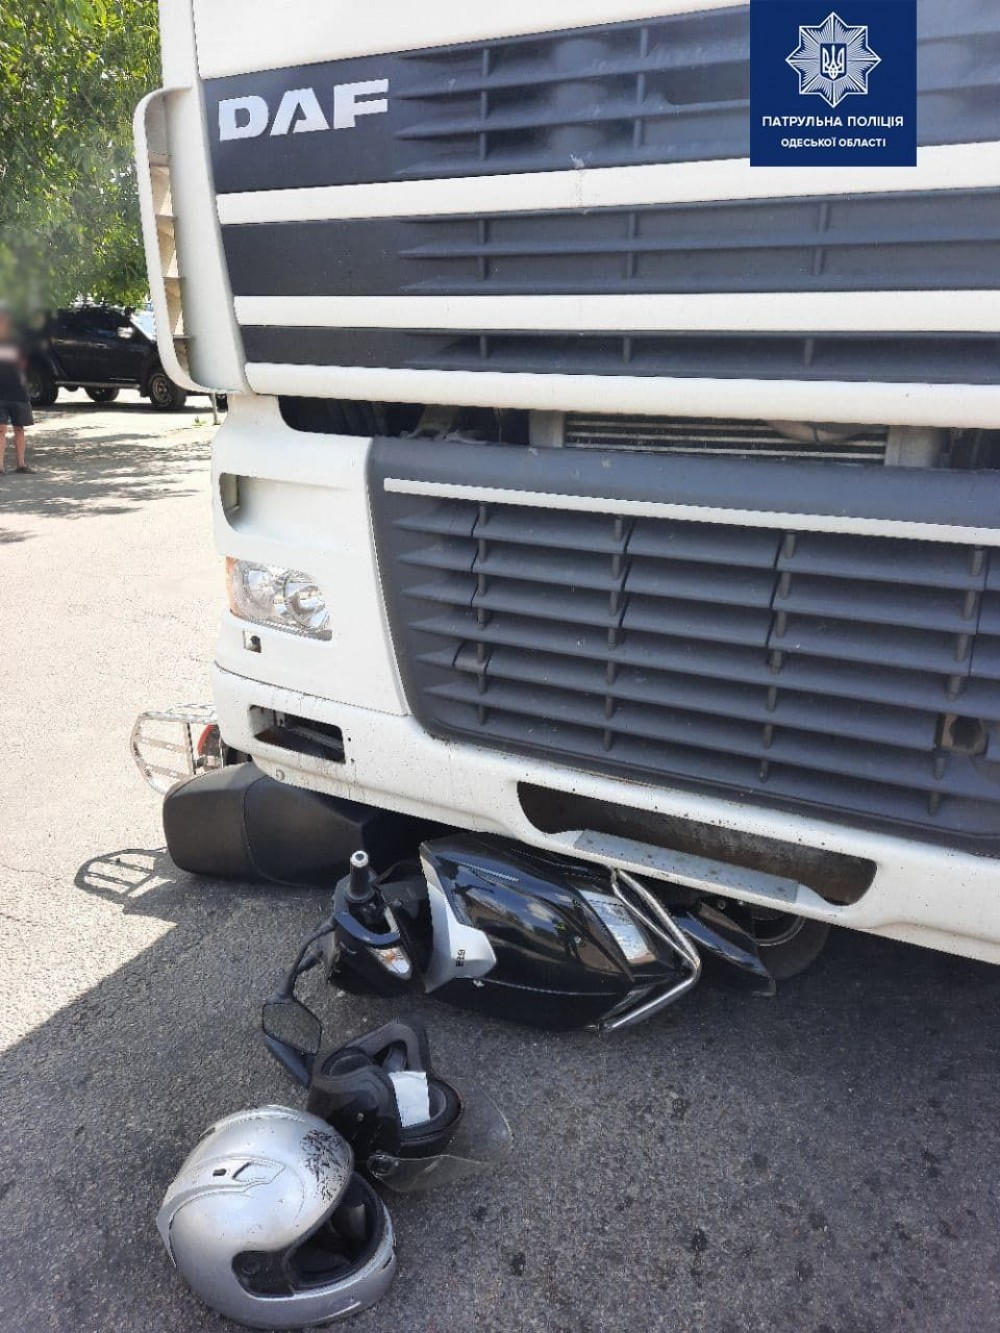 На Рихтера от столкновения с фурой погиб пассажир мопеда // На С. Палия авто сбило двоих детей